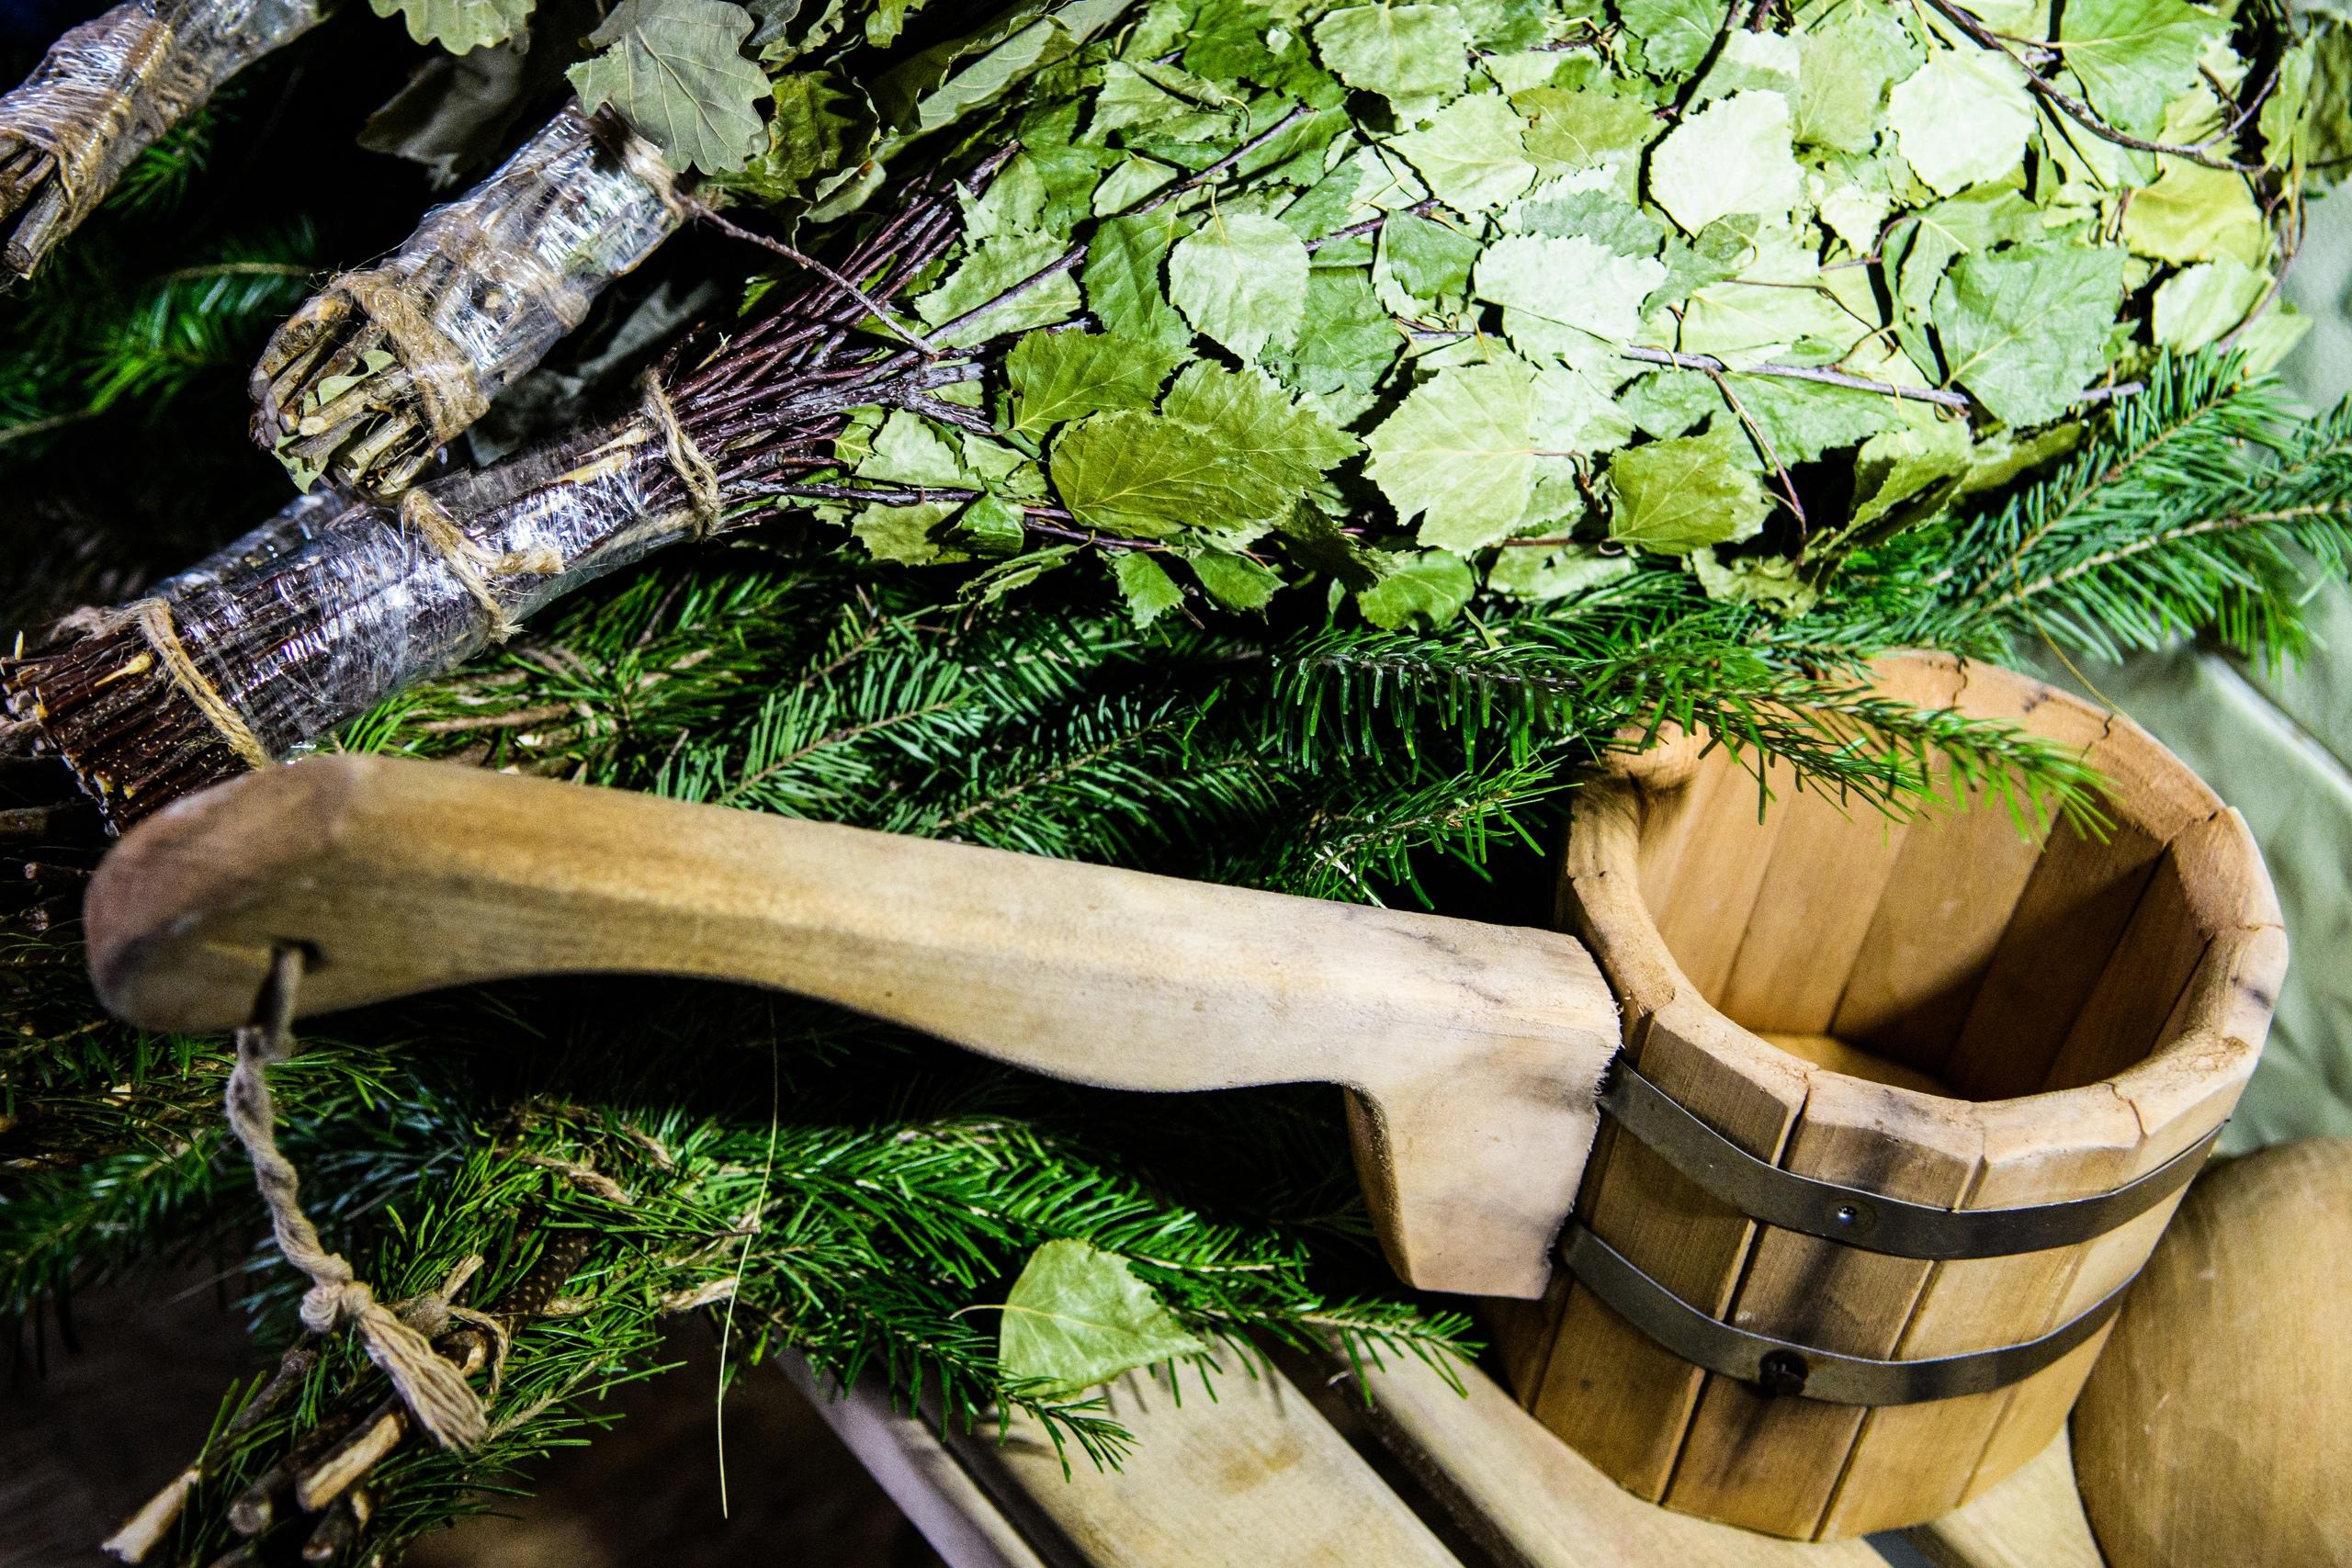 Образец деревянной бани будет выставлен на аукцион за 81 тыс. рублей